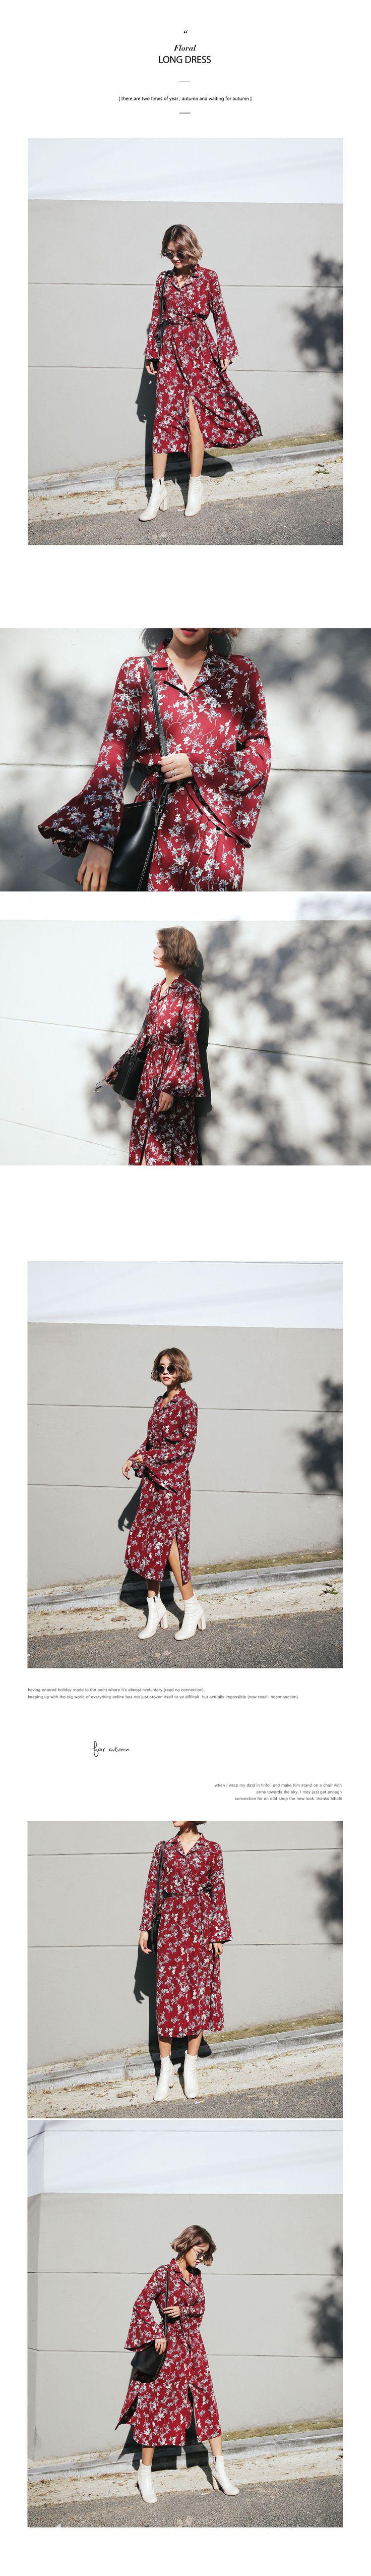 ストラップSETベルスリーブ小花柄ワンピース・全3色ドレス・ワンピドレス・ワンピ レディースファッション通販 DHOLICディーホリック [ファストファッション 水着 ワンピース]